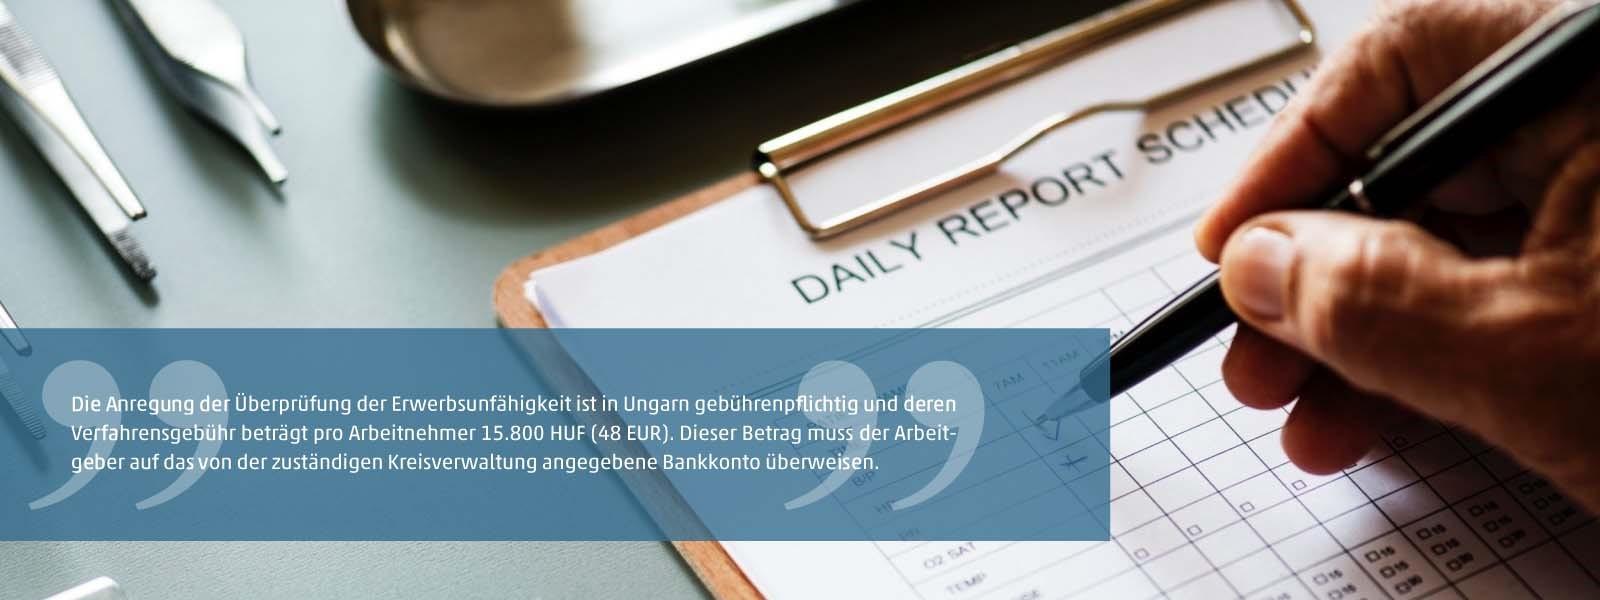 Anregung der Überprüfung der Erwerbsunfähigkeit durch den Arbeitgeber